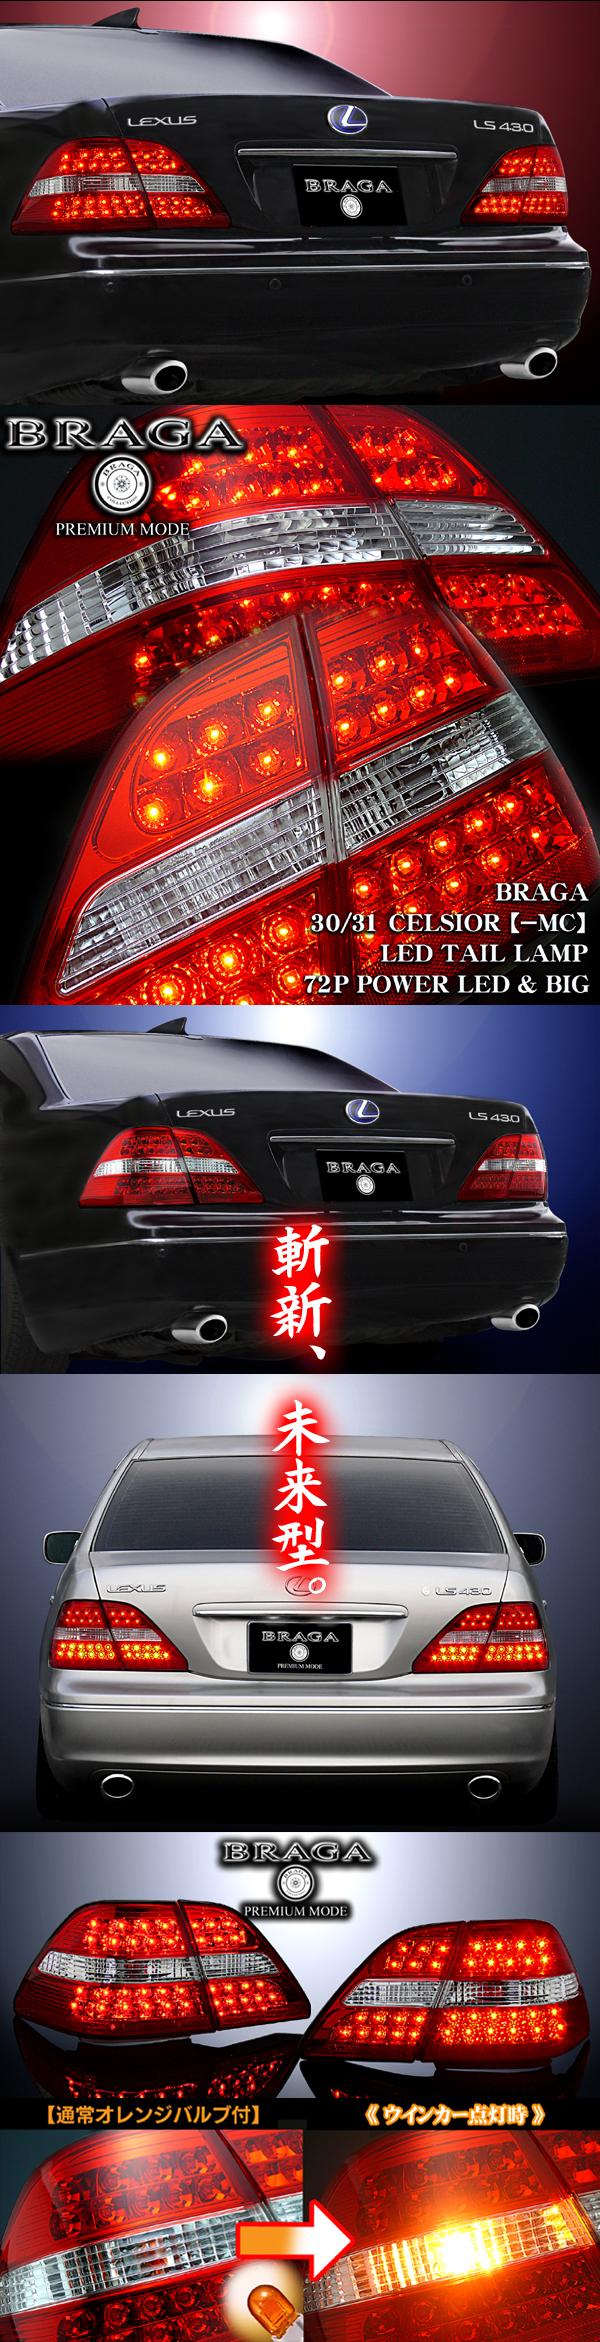 30/31セルシオ【前期】LEDテールランプ・4点セット[オレンジバルブ付]